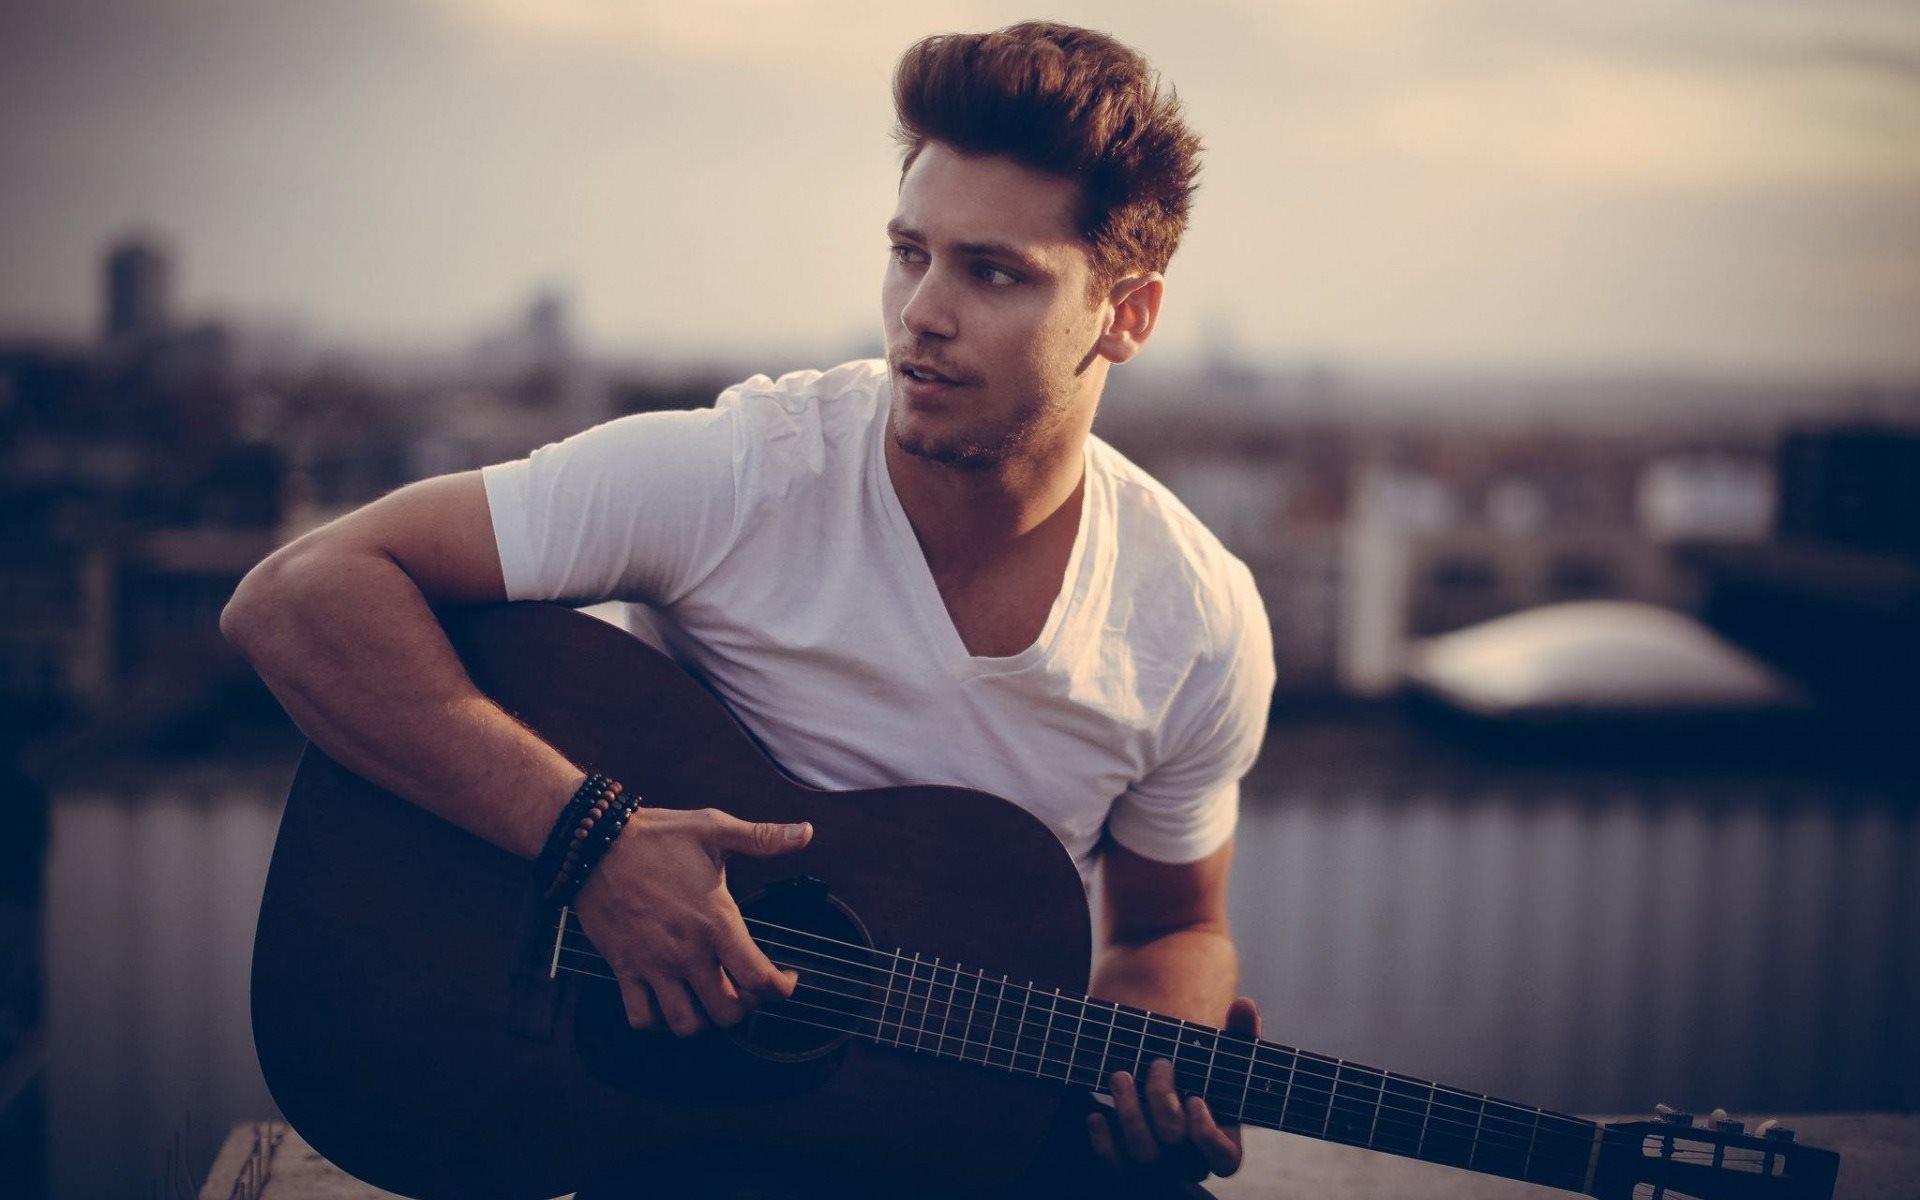 Интересные фото мужчина с гитарой